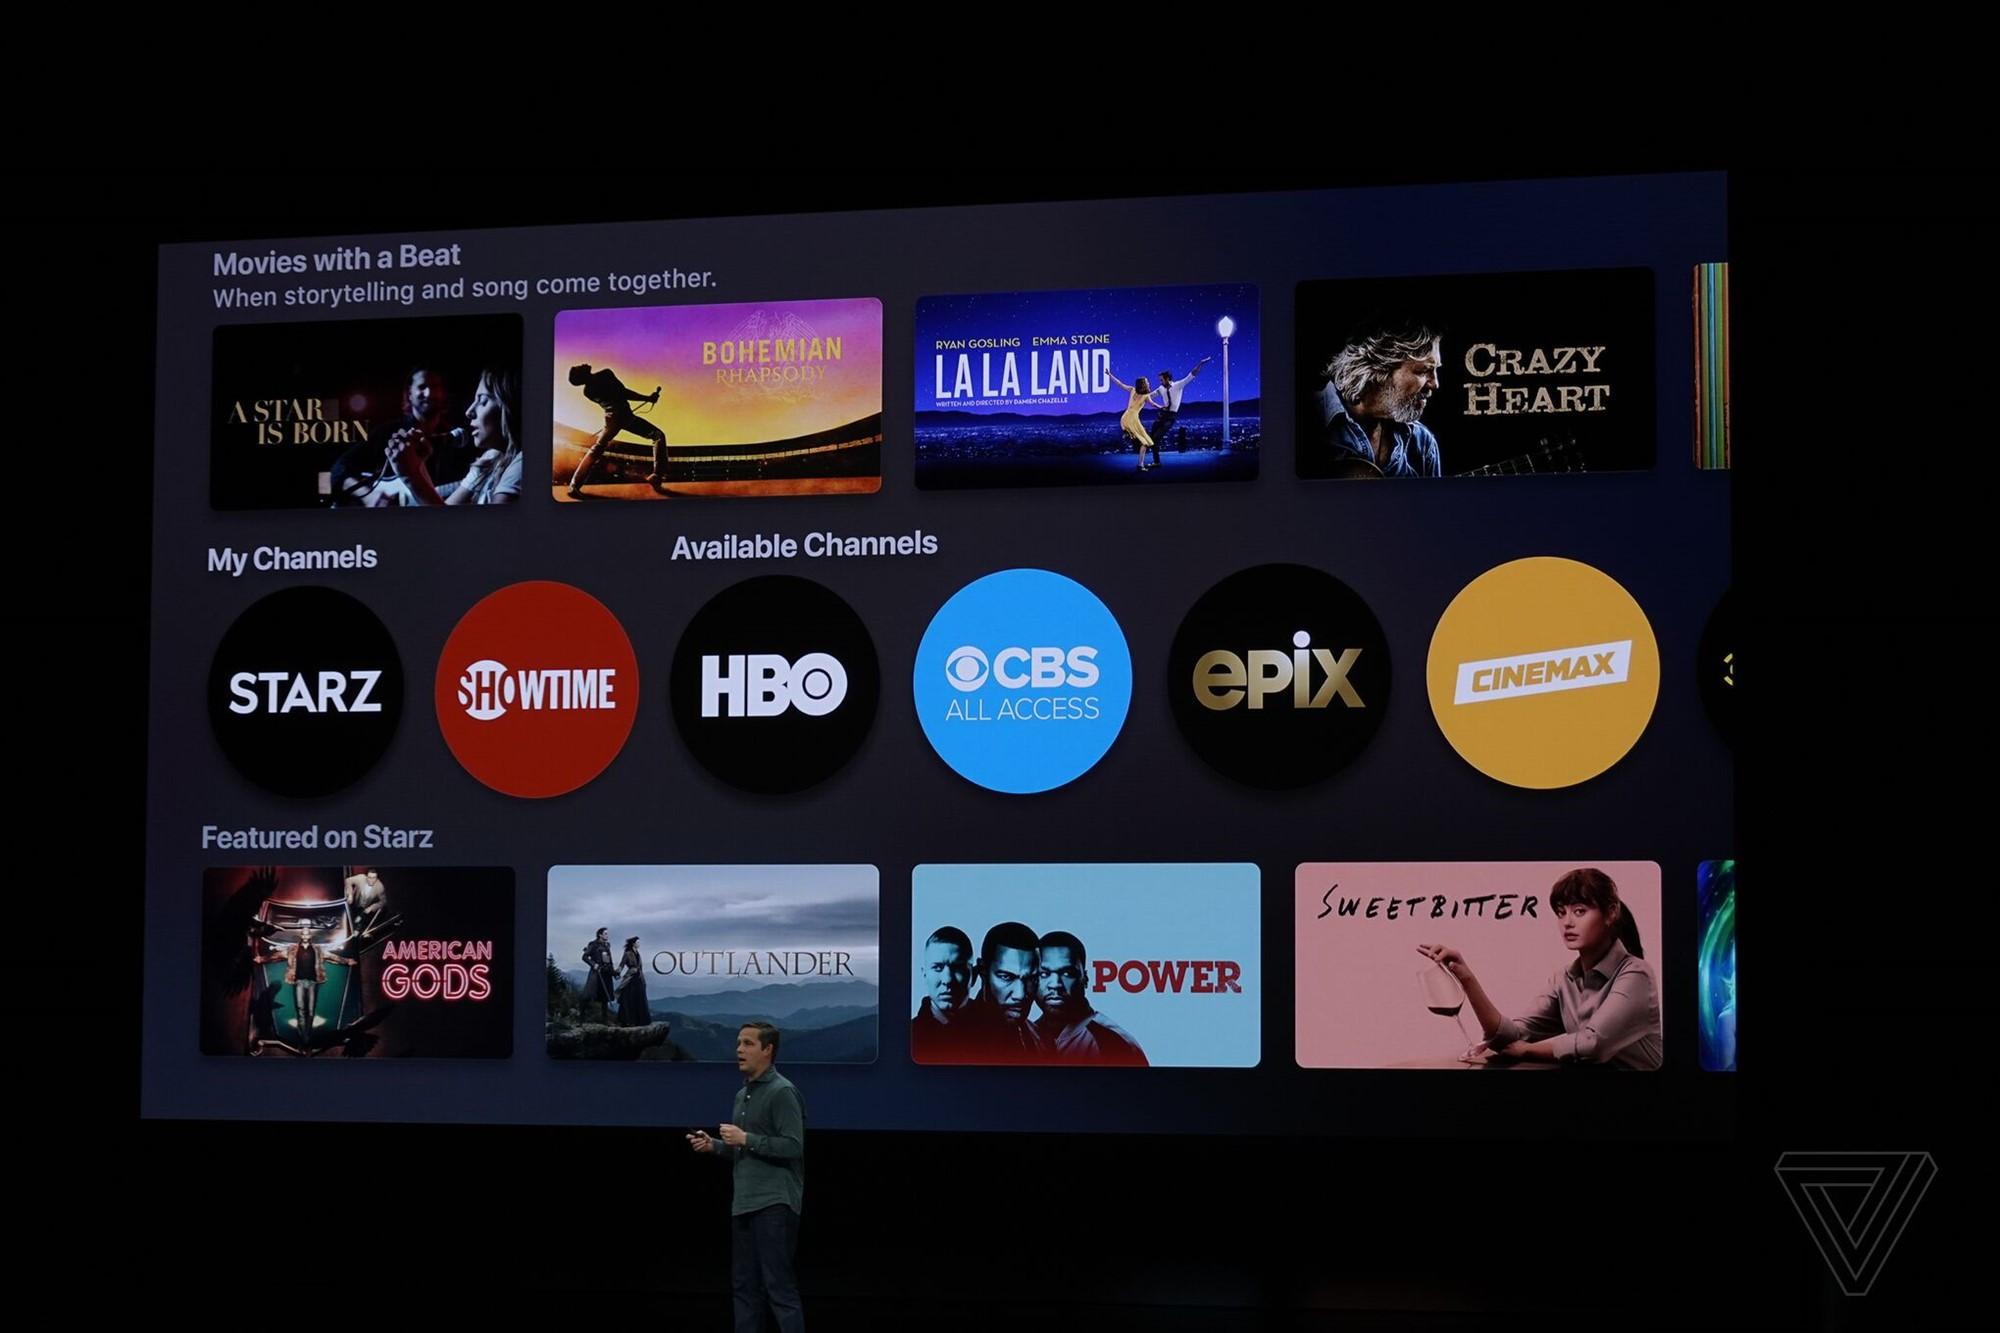 lcimg 35b40cf2 d09b 4839 9b5f f63e51179104 - Apple TV+: streamovacia služba s vlastným obsahom, dostupná bude vo vyše 100 krajinách